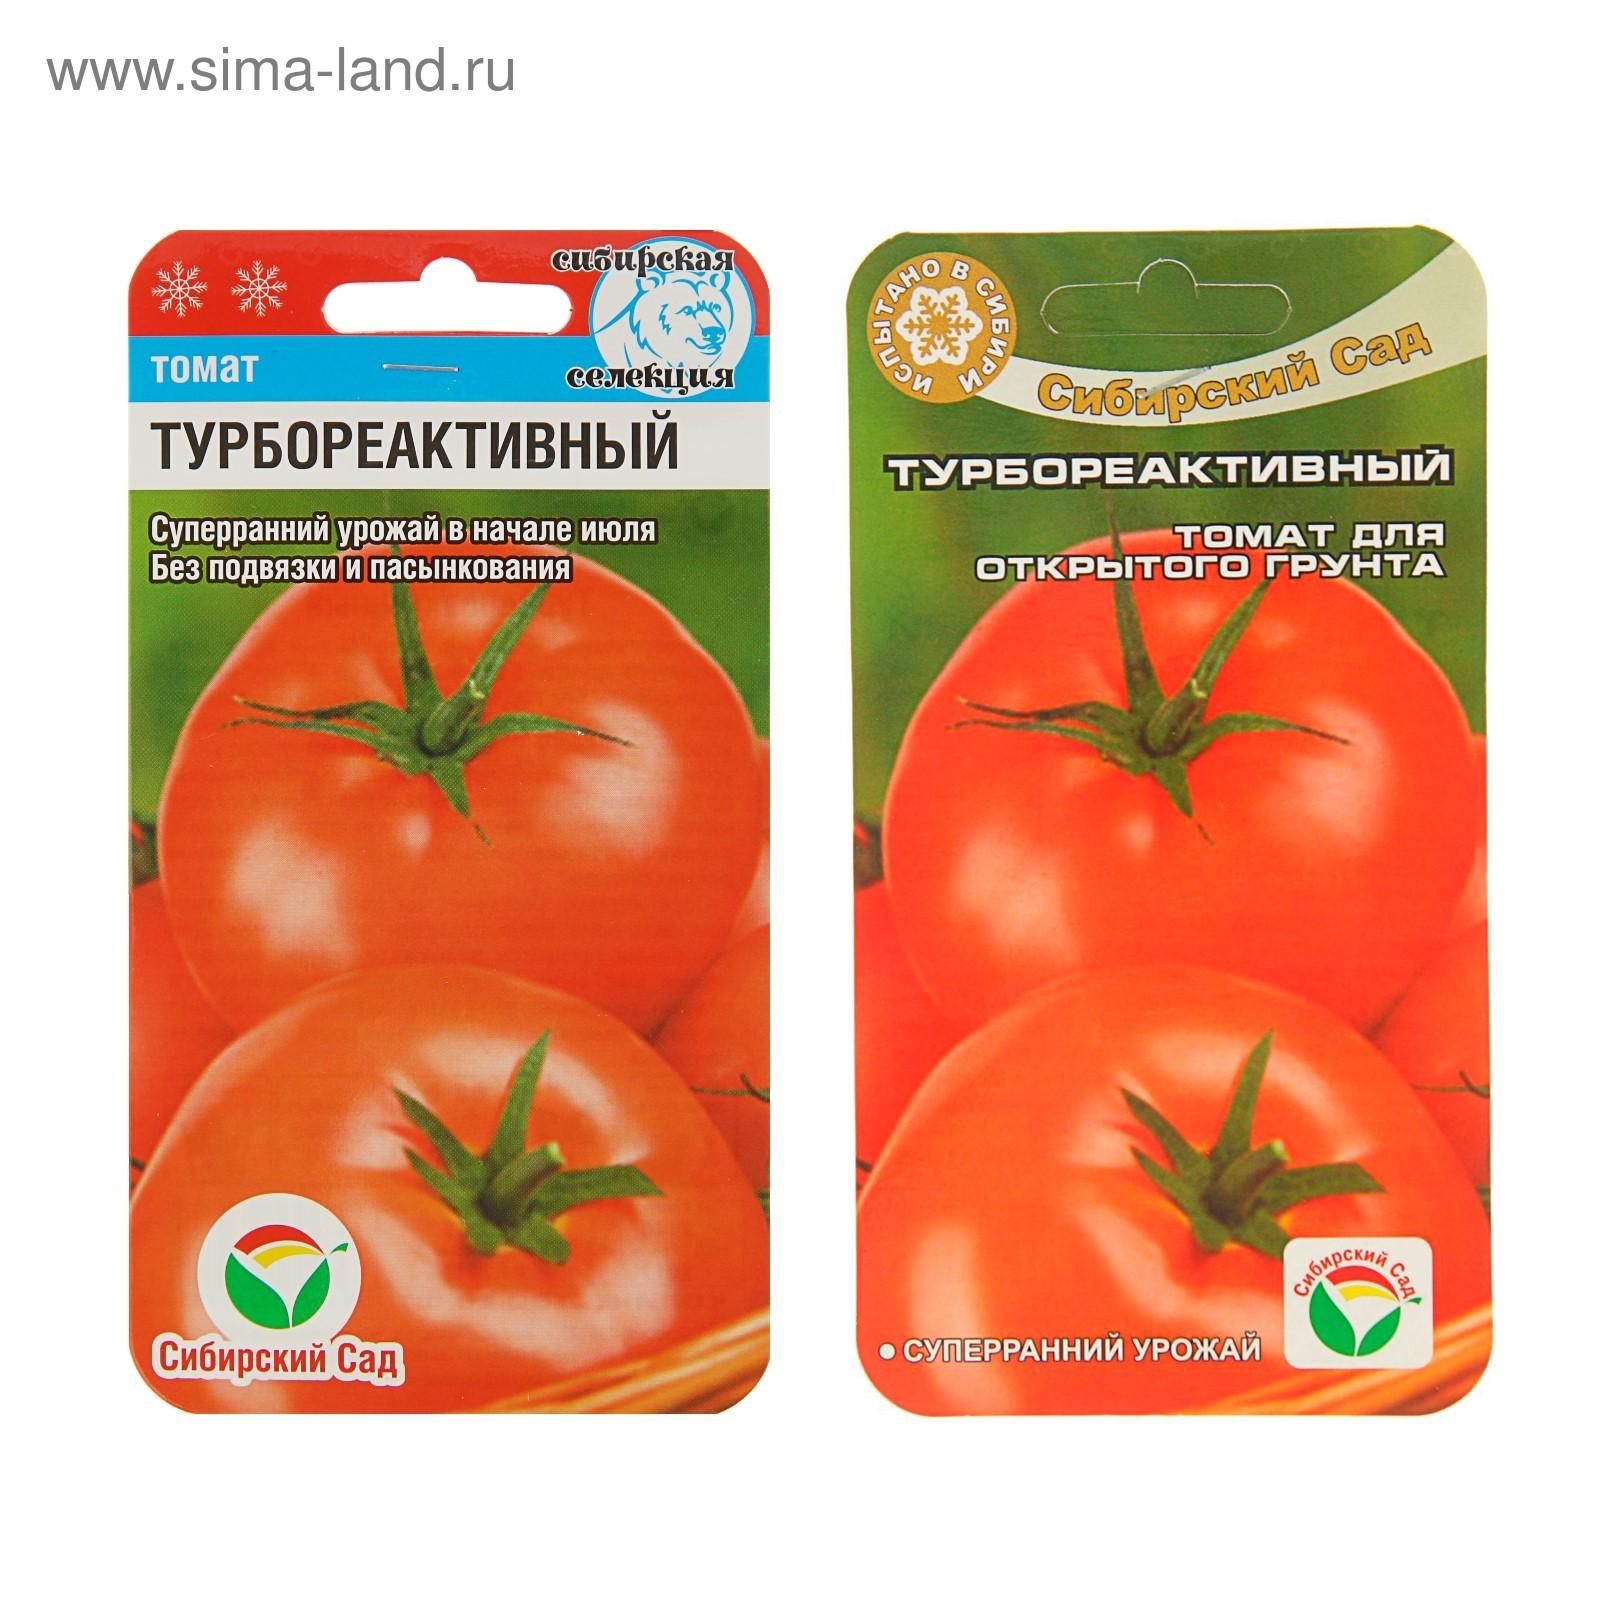 Томат турбореактивный: отзывы тех кто сажал помидоры об их урожайности в открытом грунте, характеристика и описание сорта, видео и фото семян сибирский сад